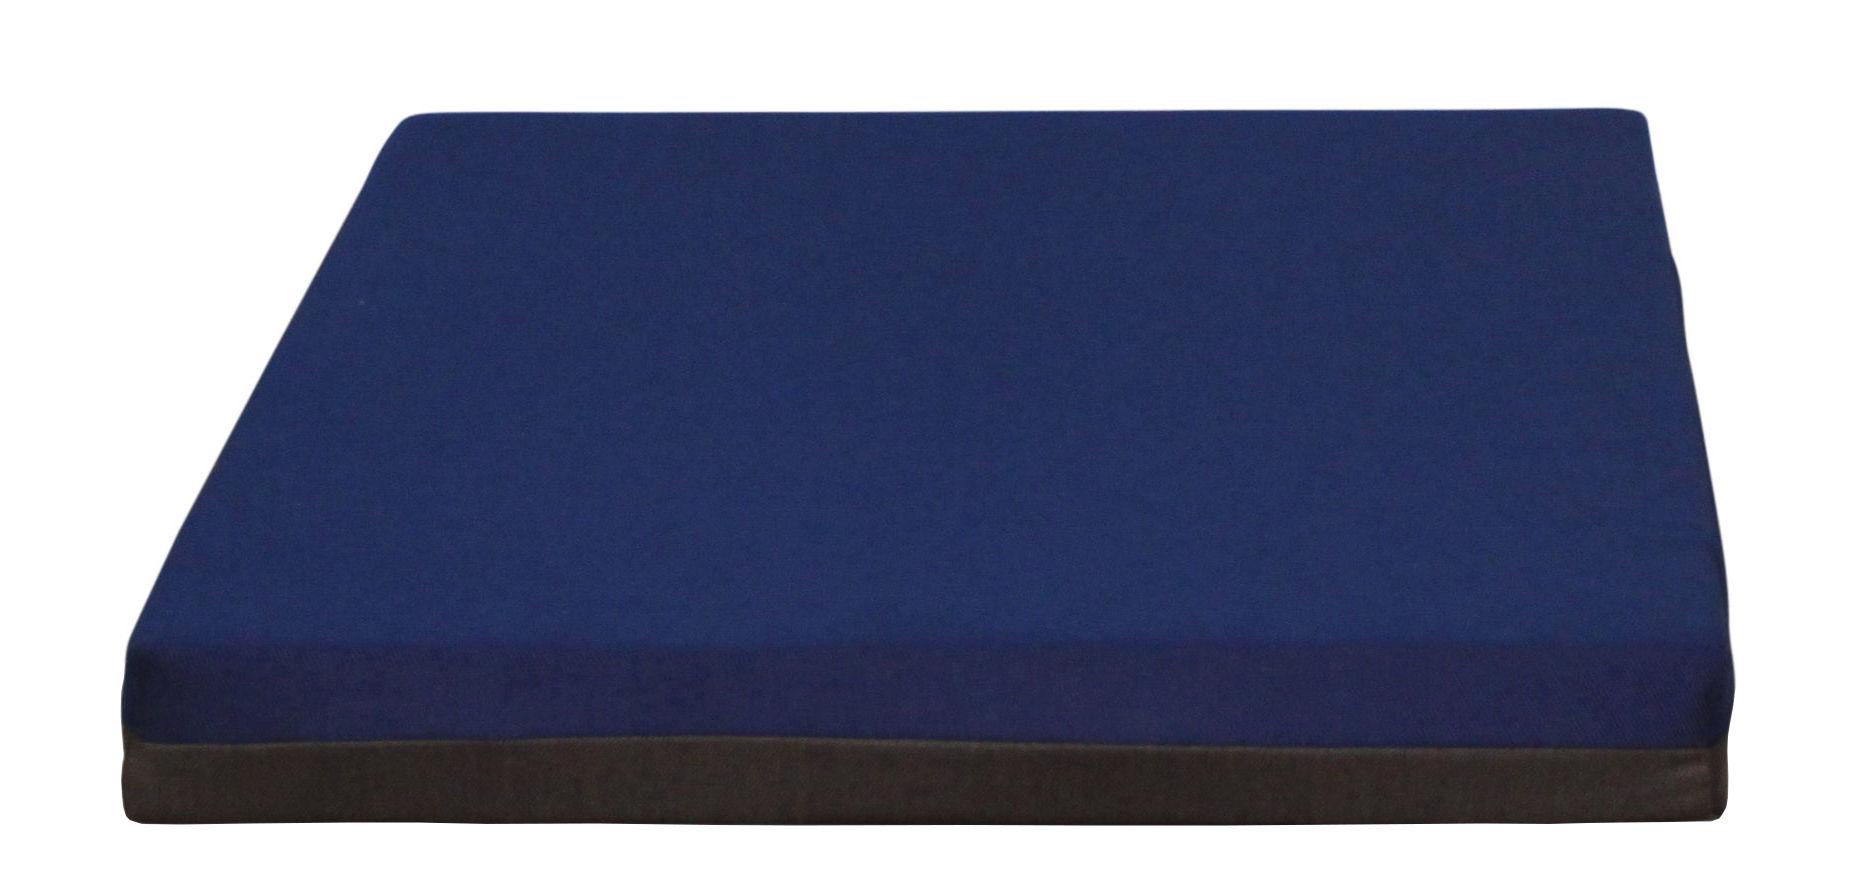 Mobilier - Compléments d'ameublement - Matelas Connect / Small - Avec aimants - Trimm Copenhagen - Bleu nuit / Chocolat - Mousse, Tissu Acrisol Twitell